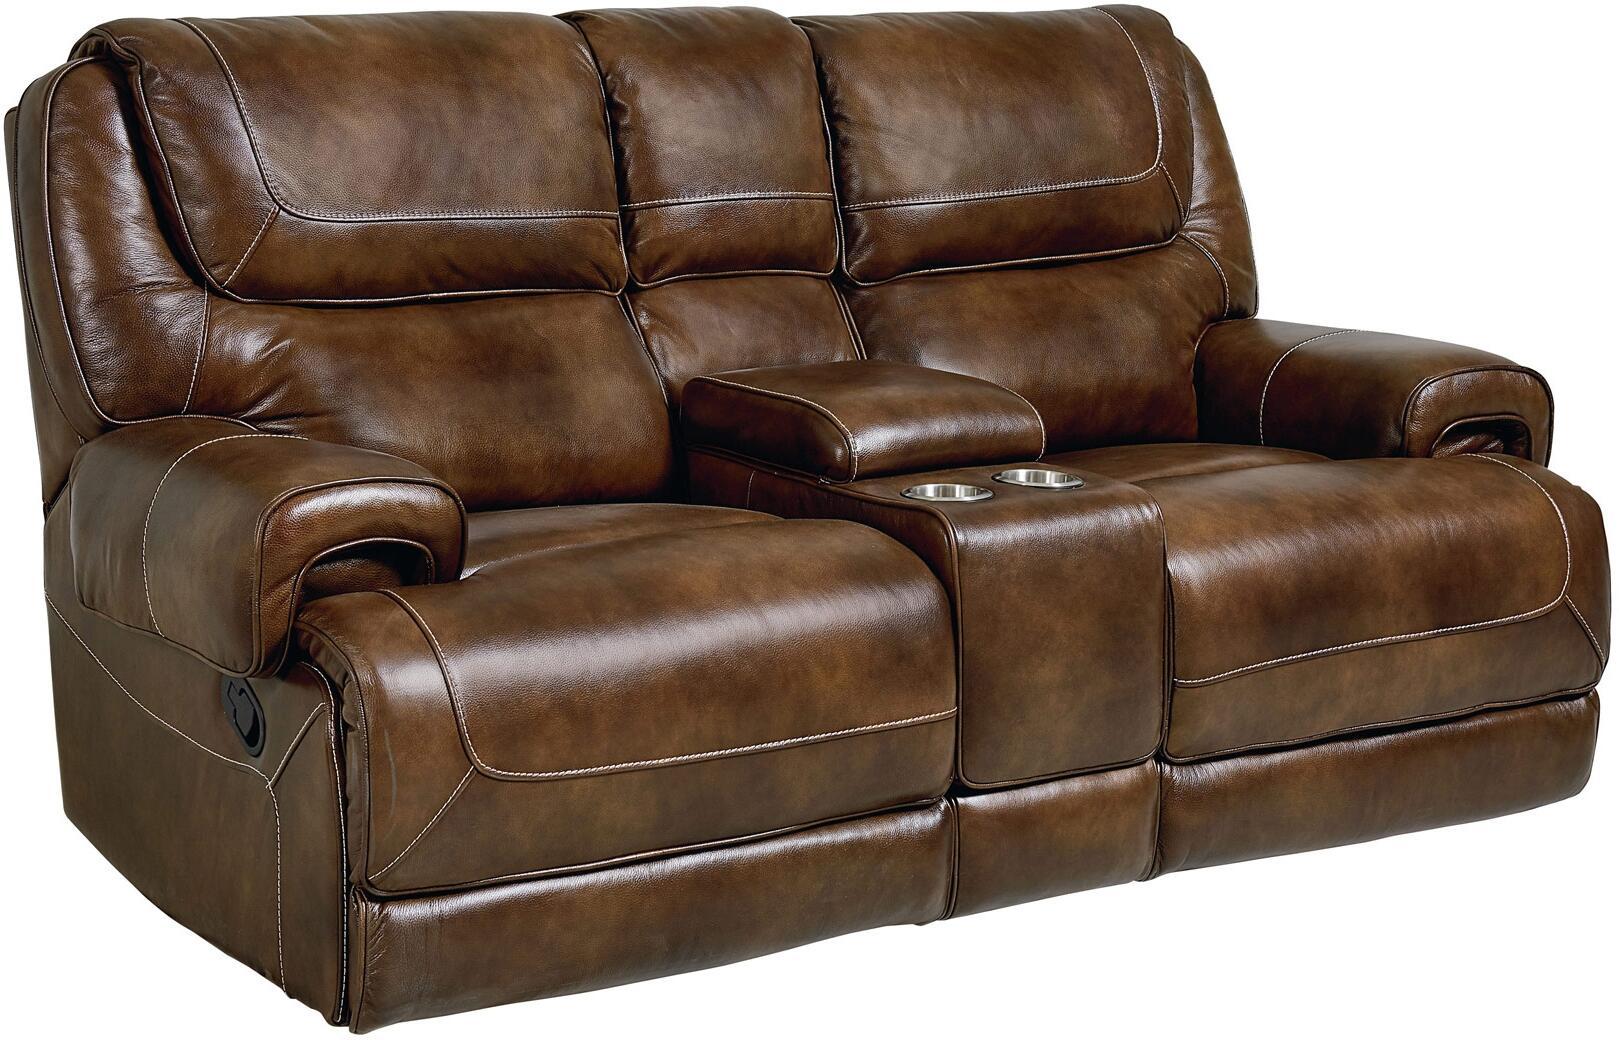 Standard Furniture 4018431